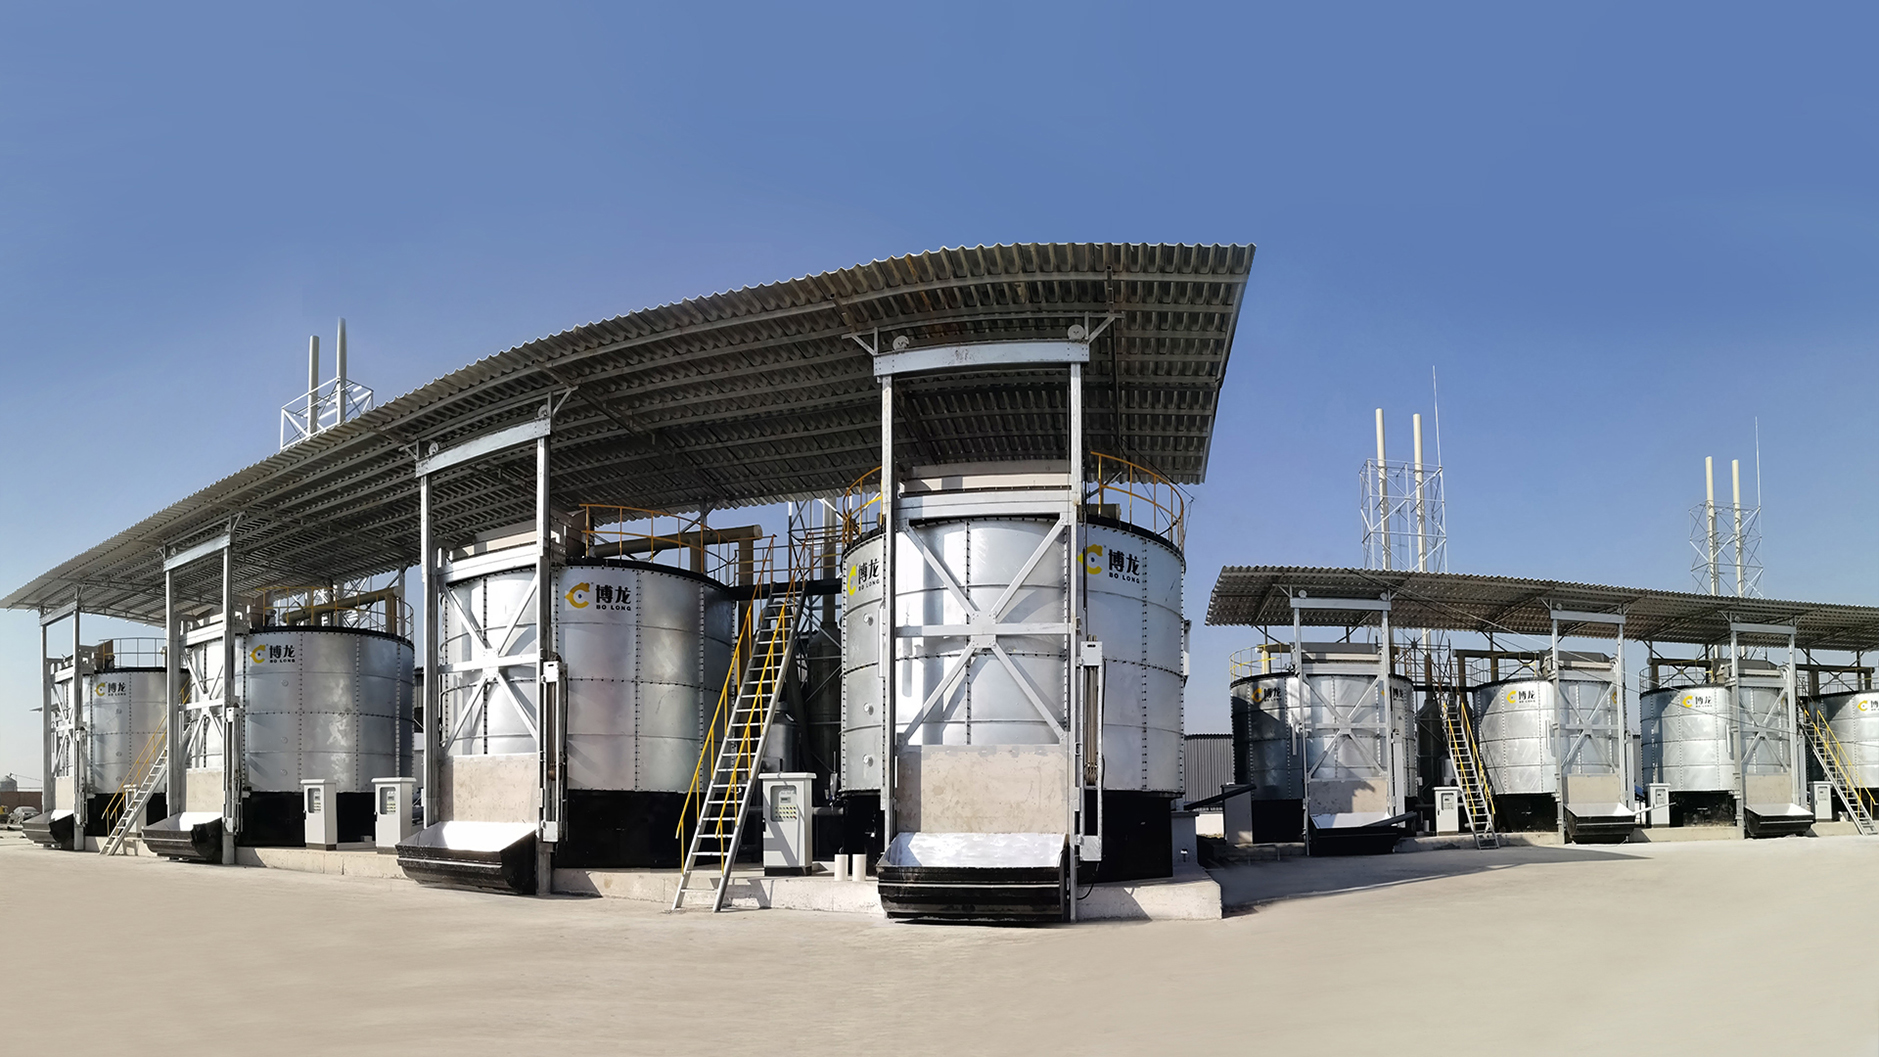 新常态下畜禽废弃物处理、资源化利用模式与设备的选择